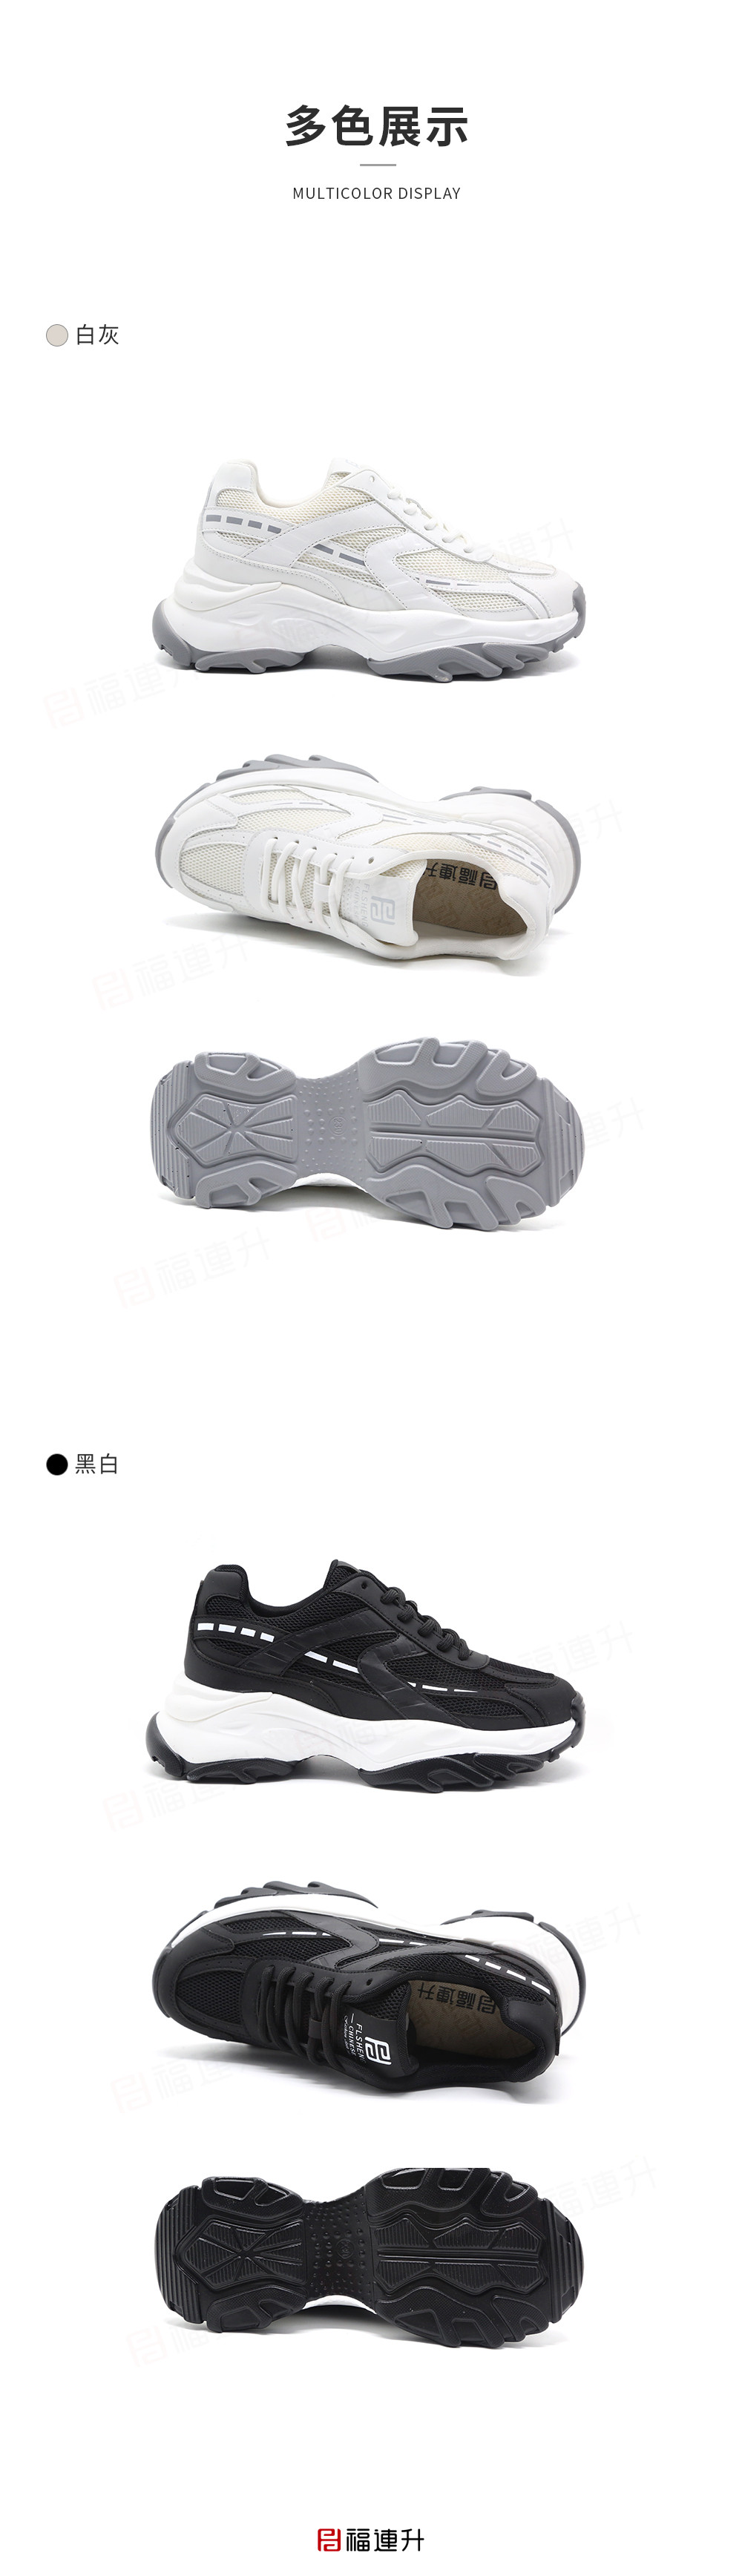 福连升时尚运动老爹鞋增高厚底长腿休闲女鞋图片